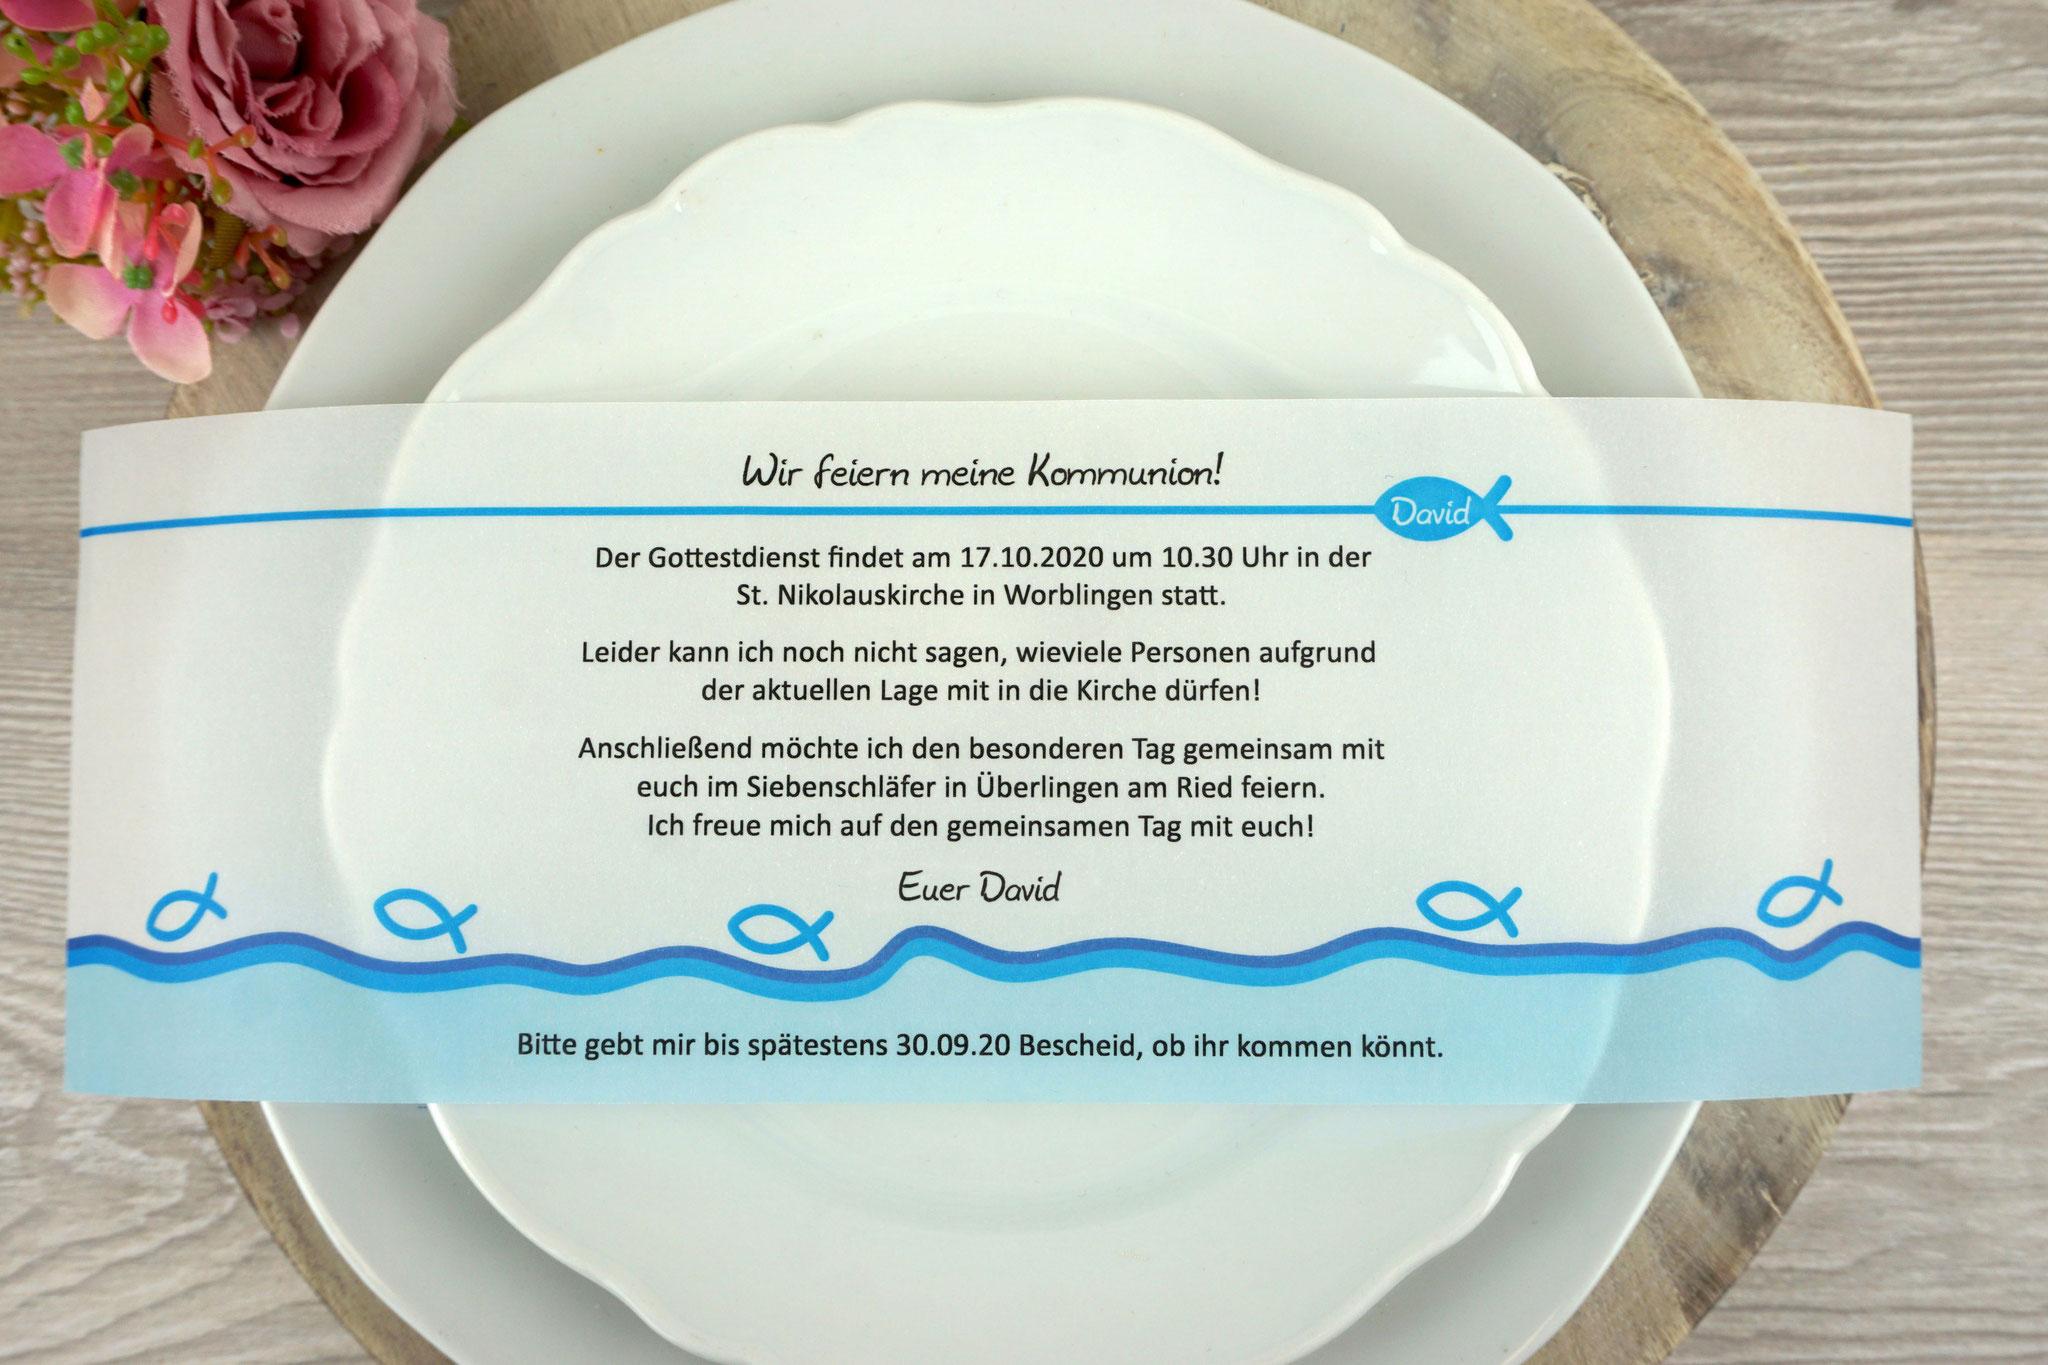 Einladungskarte aus Pergamentpapier Design Fisch Silhouette Blau - ohne Bild